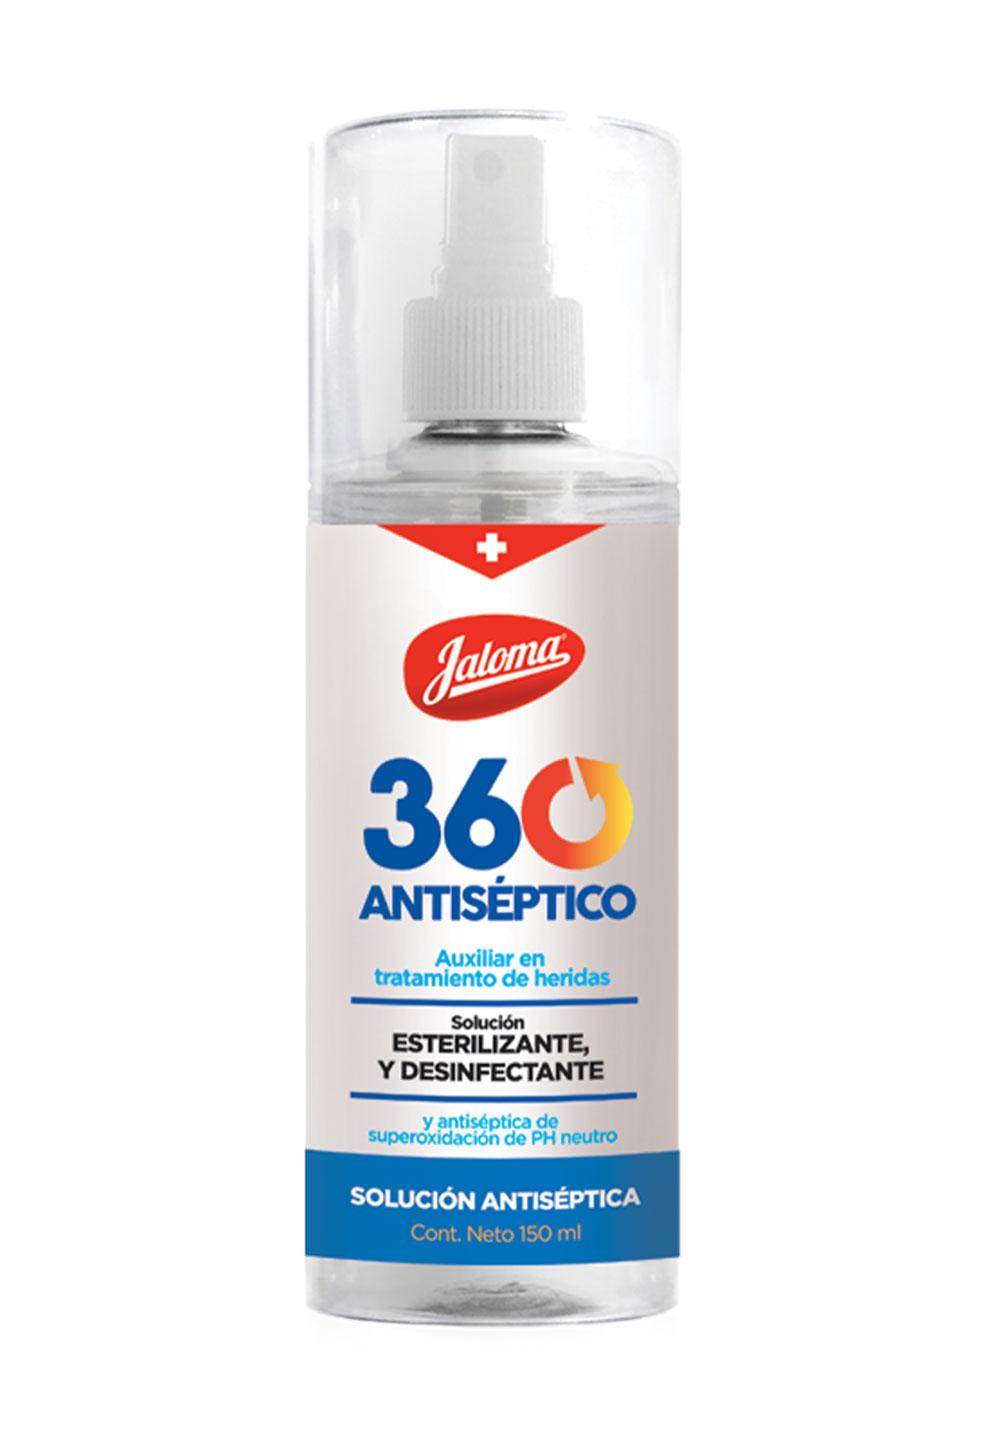 Jaloma 360 Antiseptic solution, 150 ml